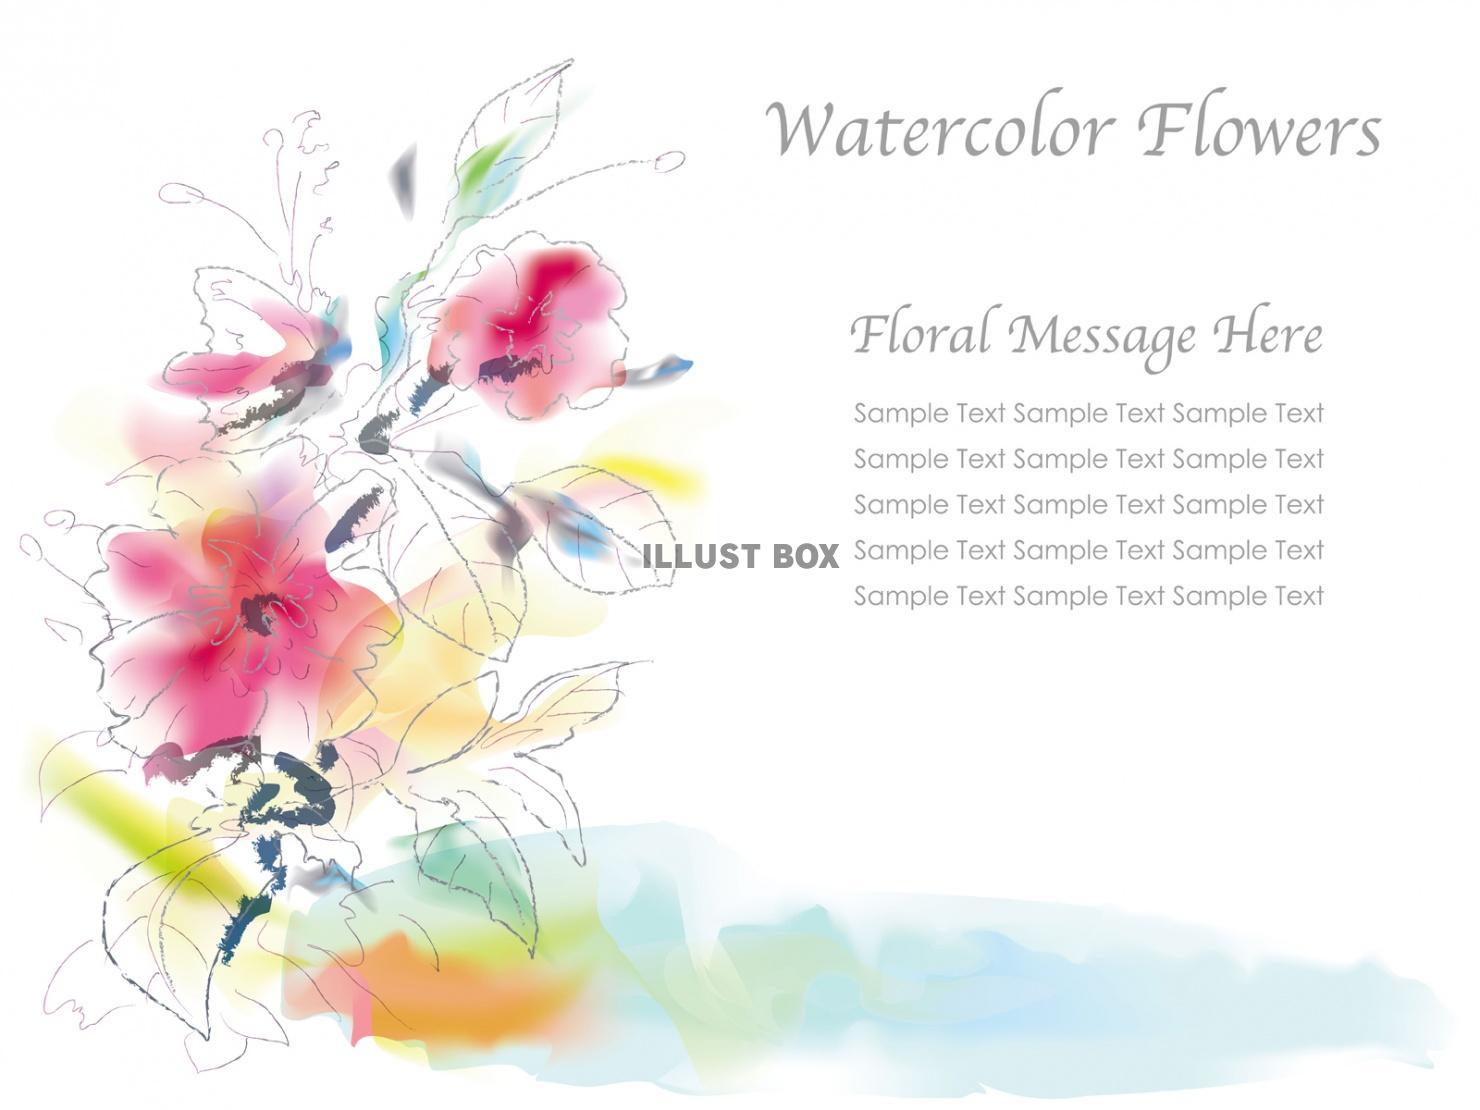 無料イラスト 水彩風 花の背景イラスト1